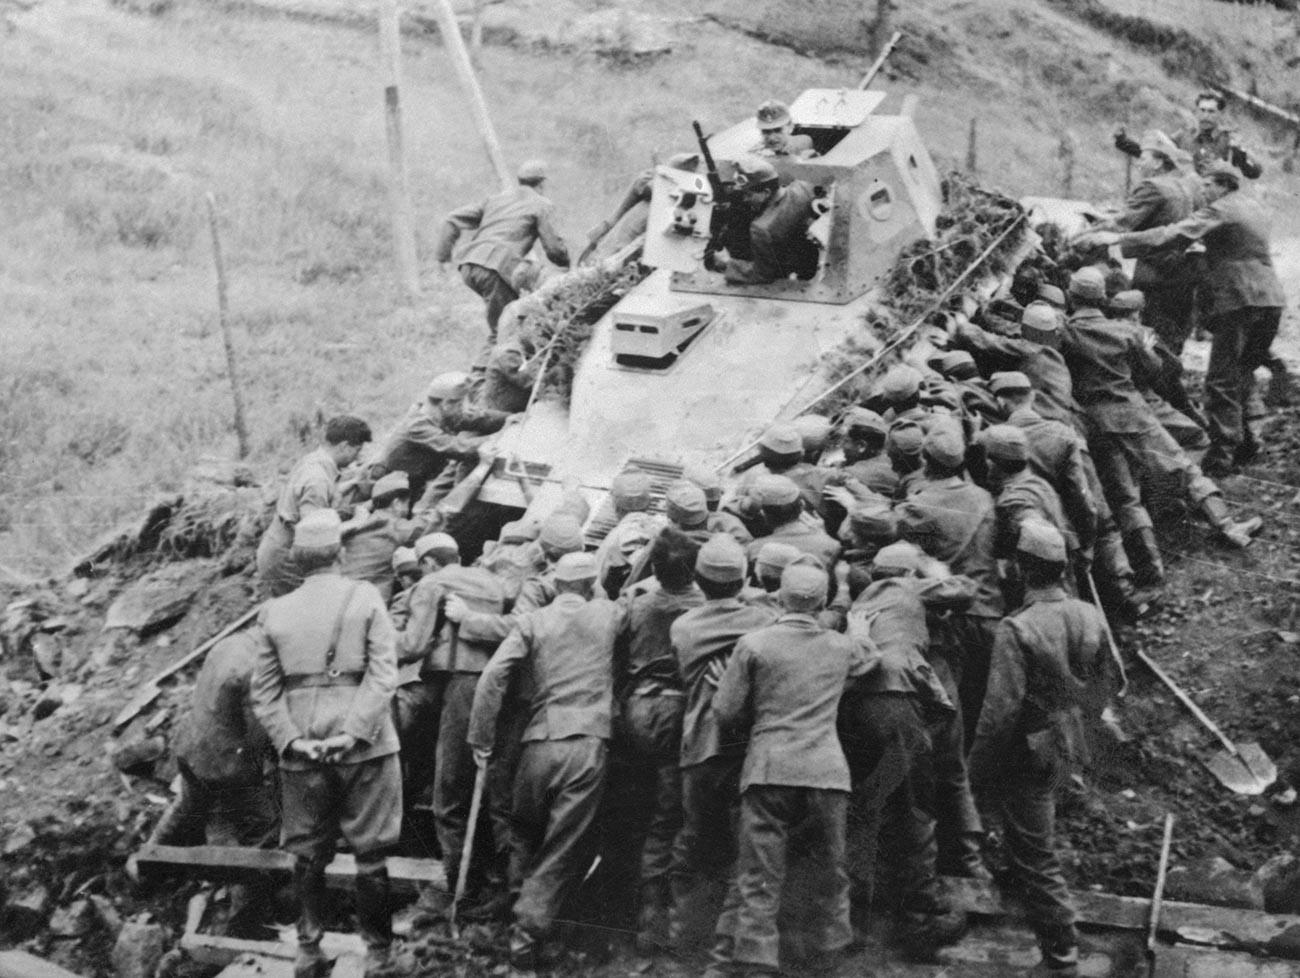 Mađarski vojnici pokušavaju popraviti oštećeni ruski tenk.